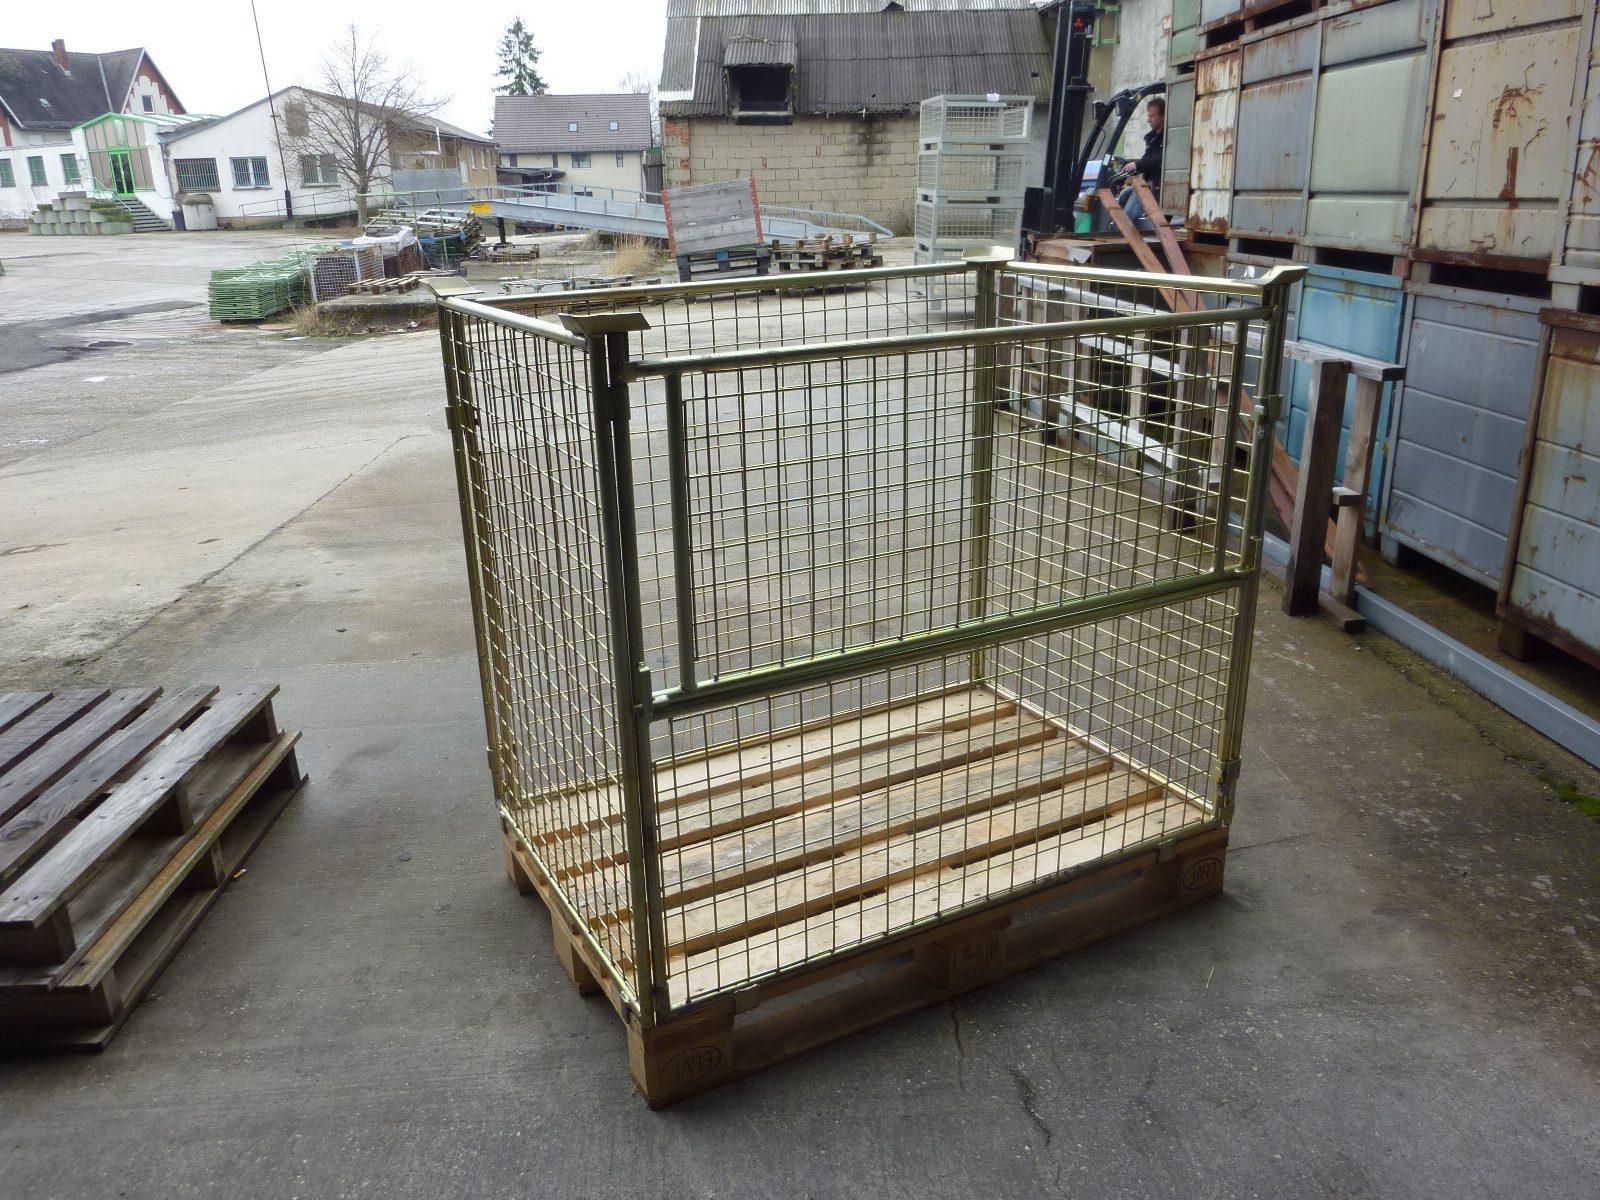 Gitteraufsatzrahmen EUM-H100-gvz, neu-0